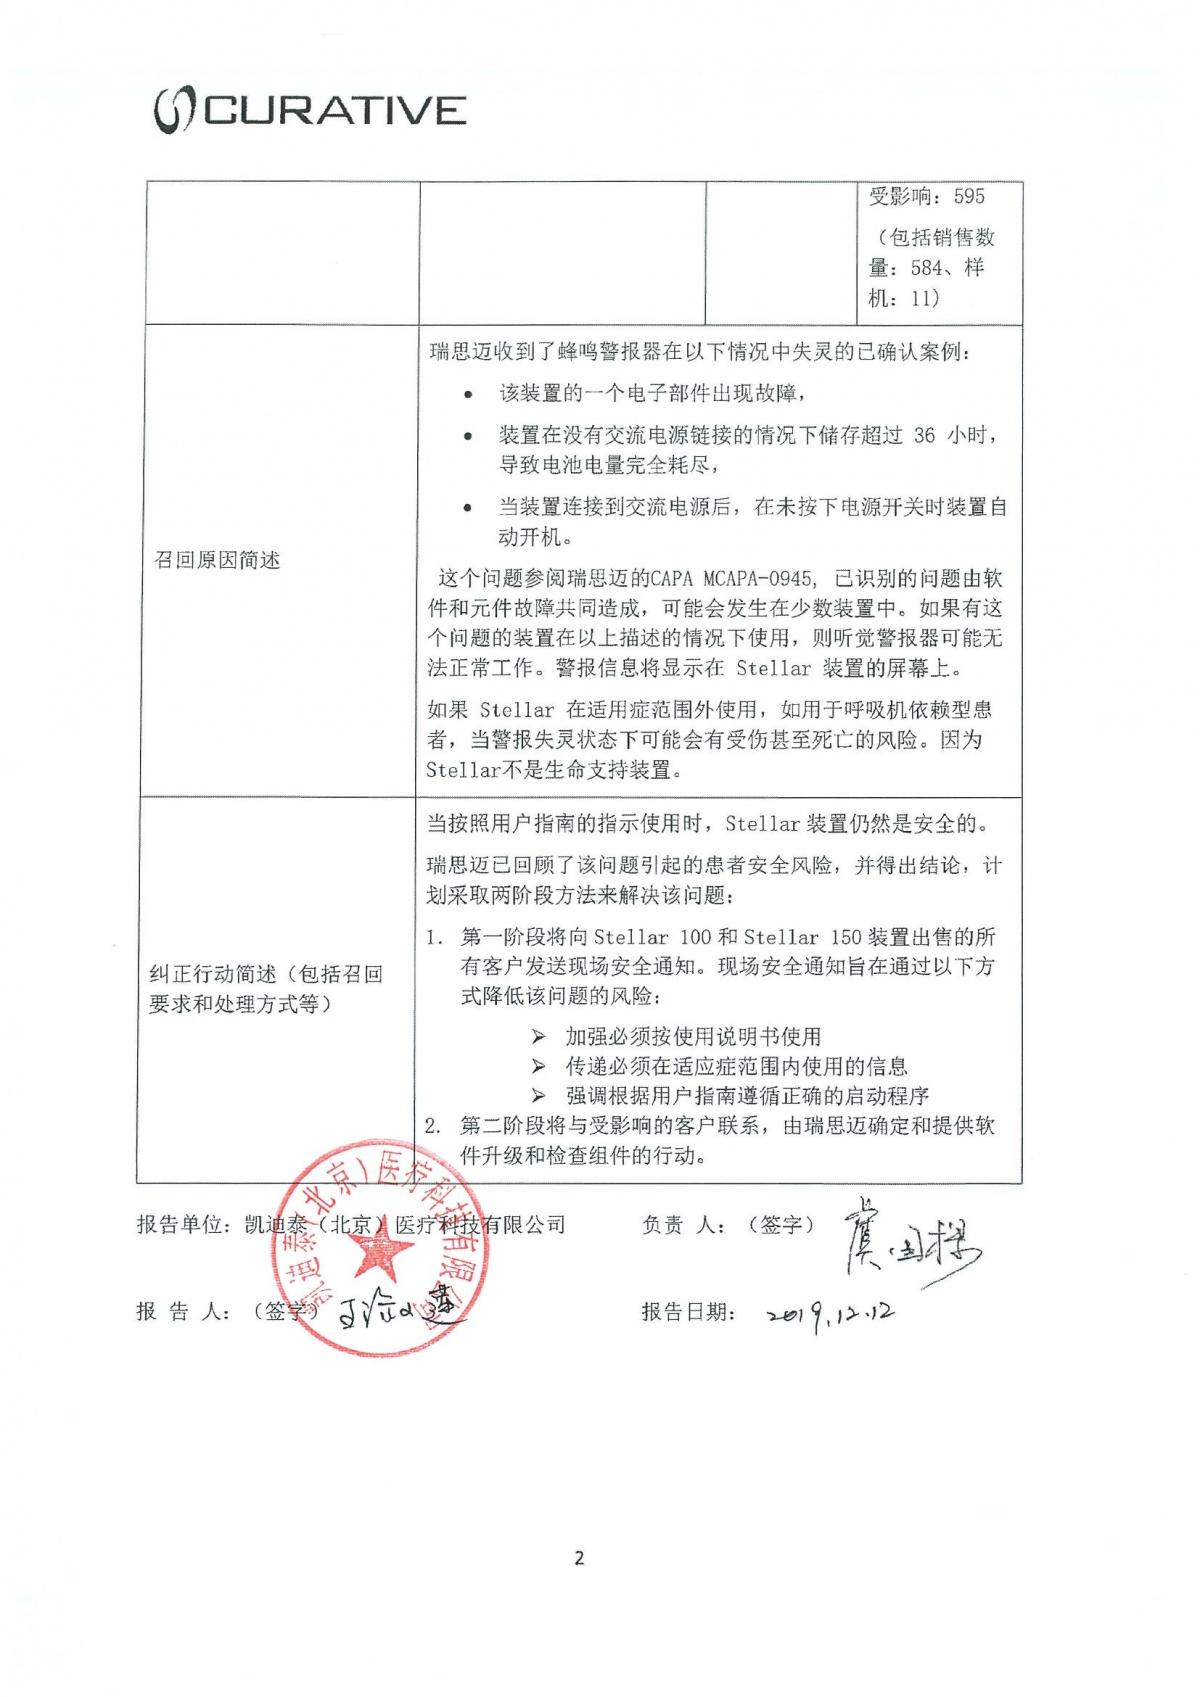 召回二JYQR-020 召回事件报告表_页面_02.jpg